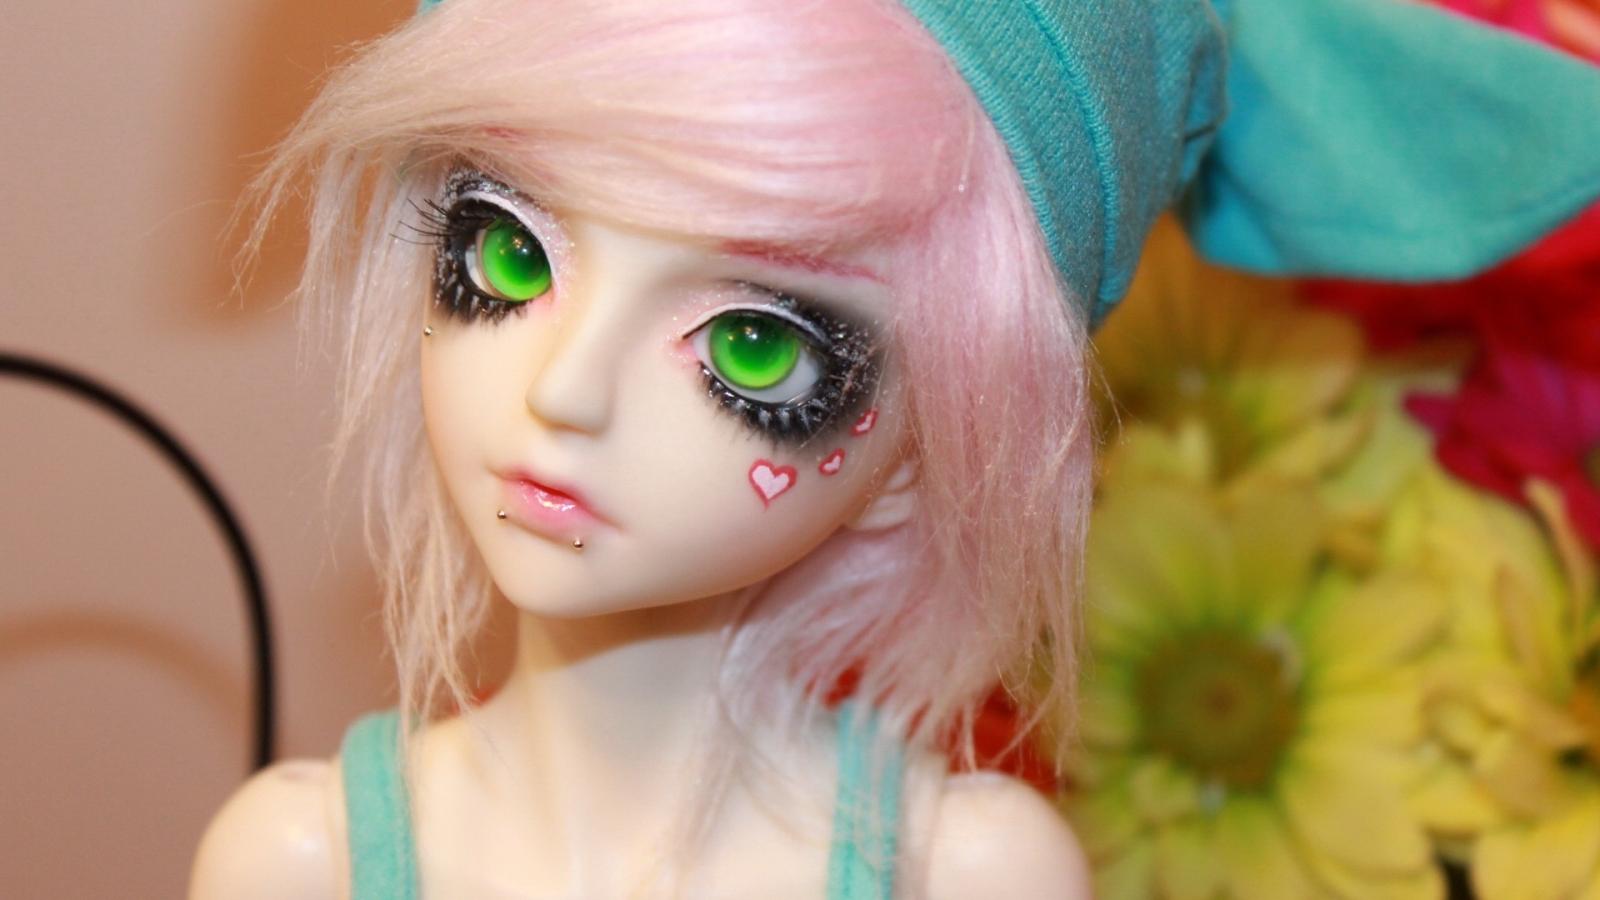 Muñeca emo - 1600x900